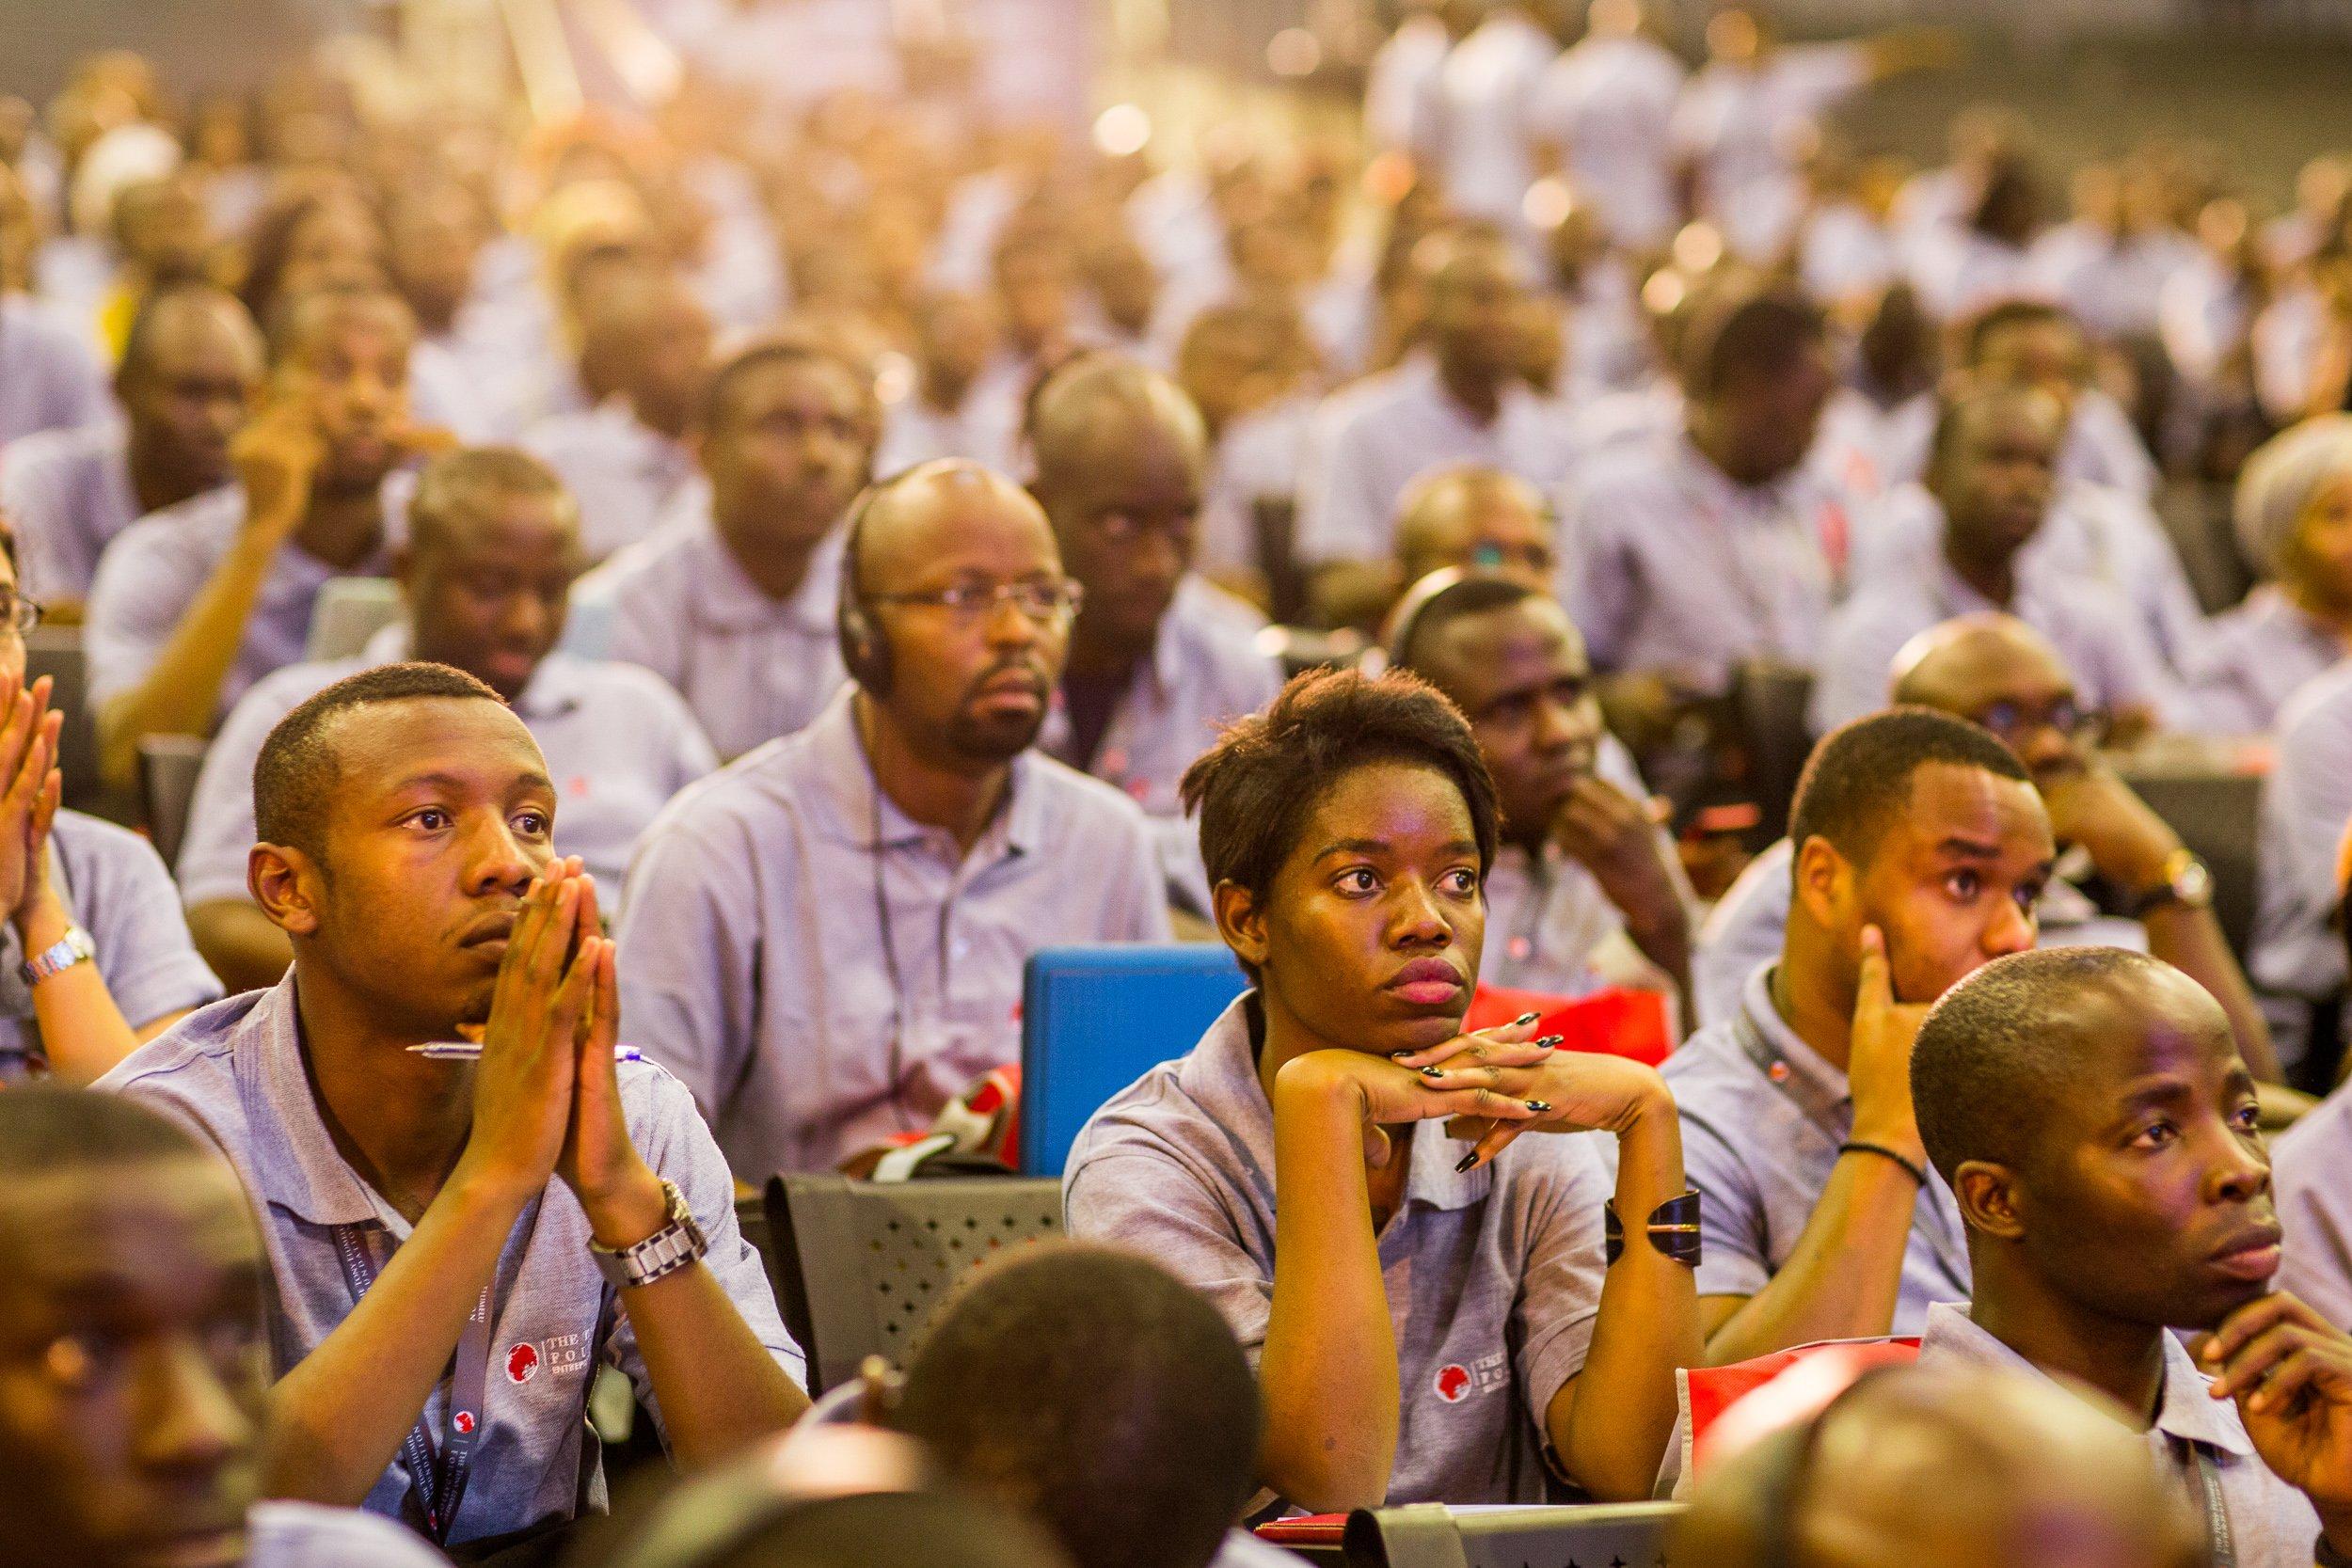 Funding: Tony Elumelu Entrepreneurship Programme (TEEP) 2018 for African Entrepreneurs ($USD 5,000)